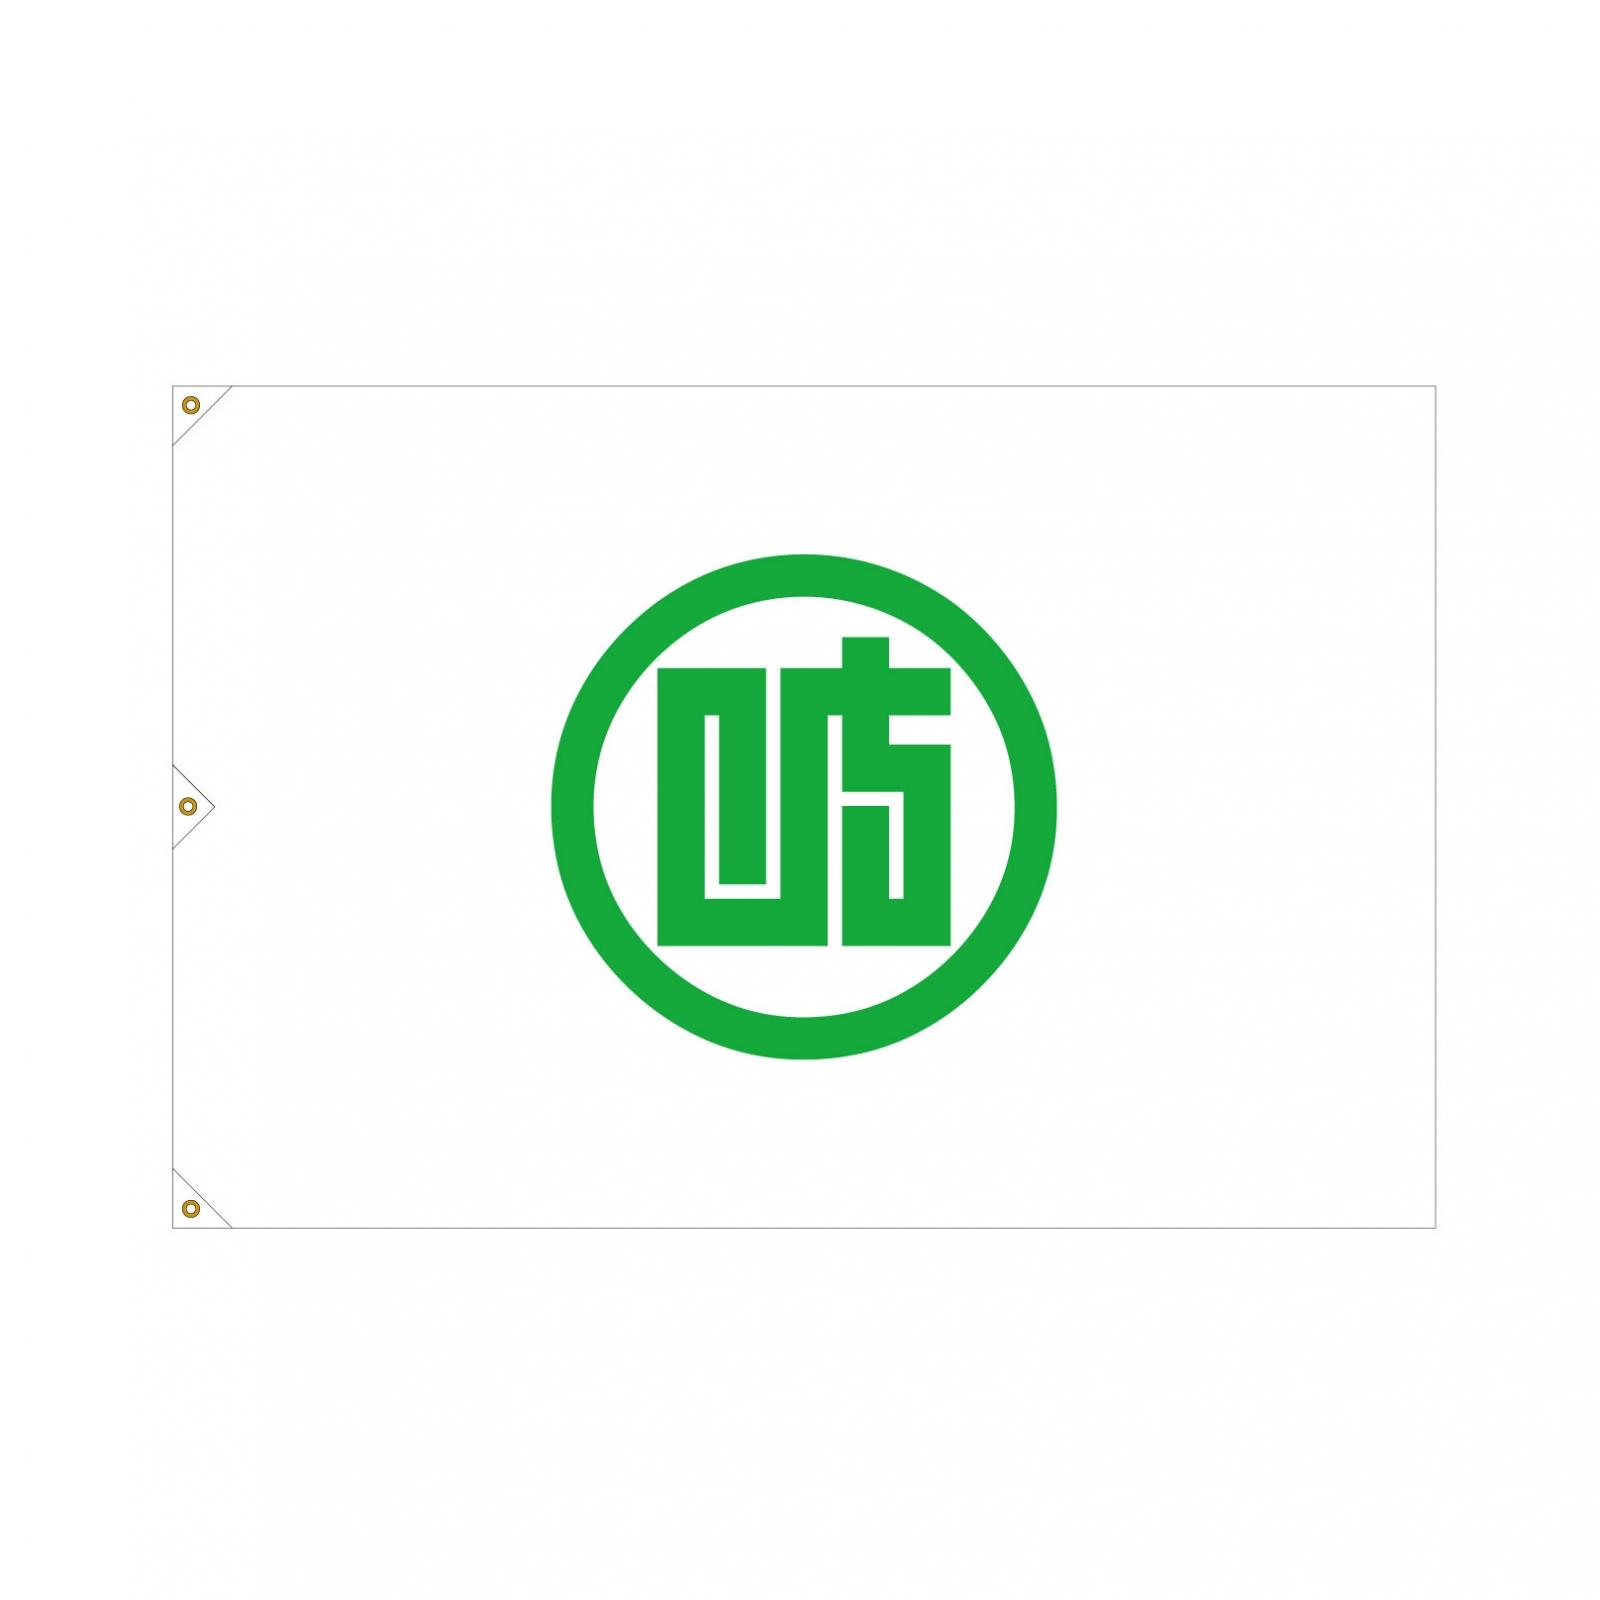 スポーツ協会の団旗